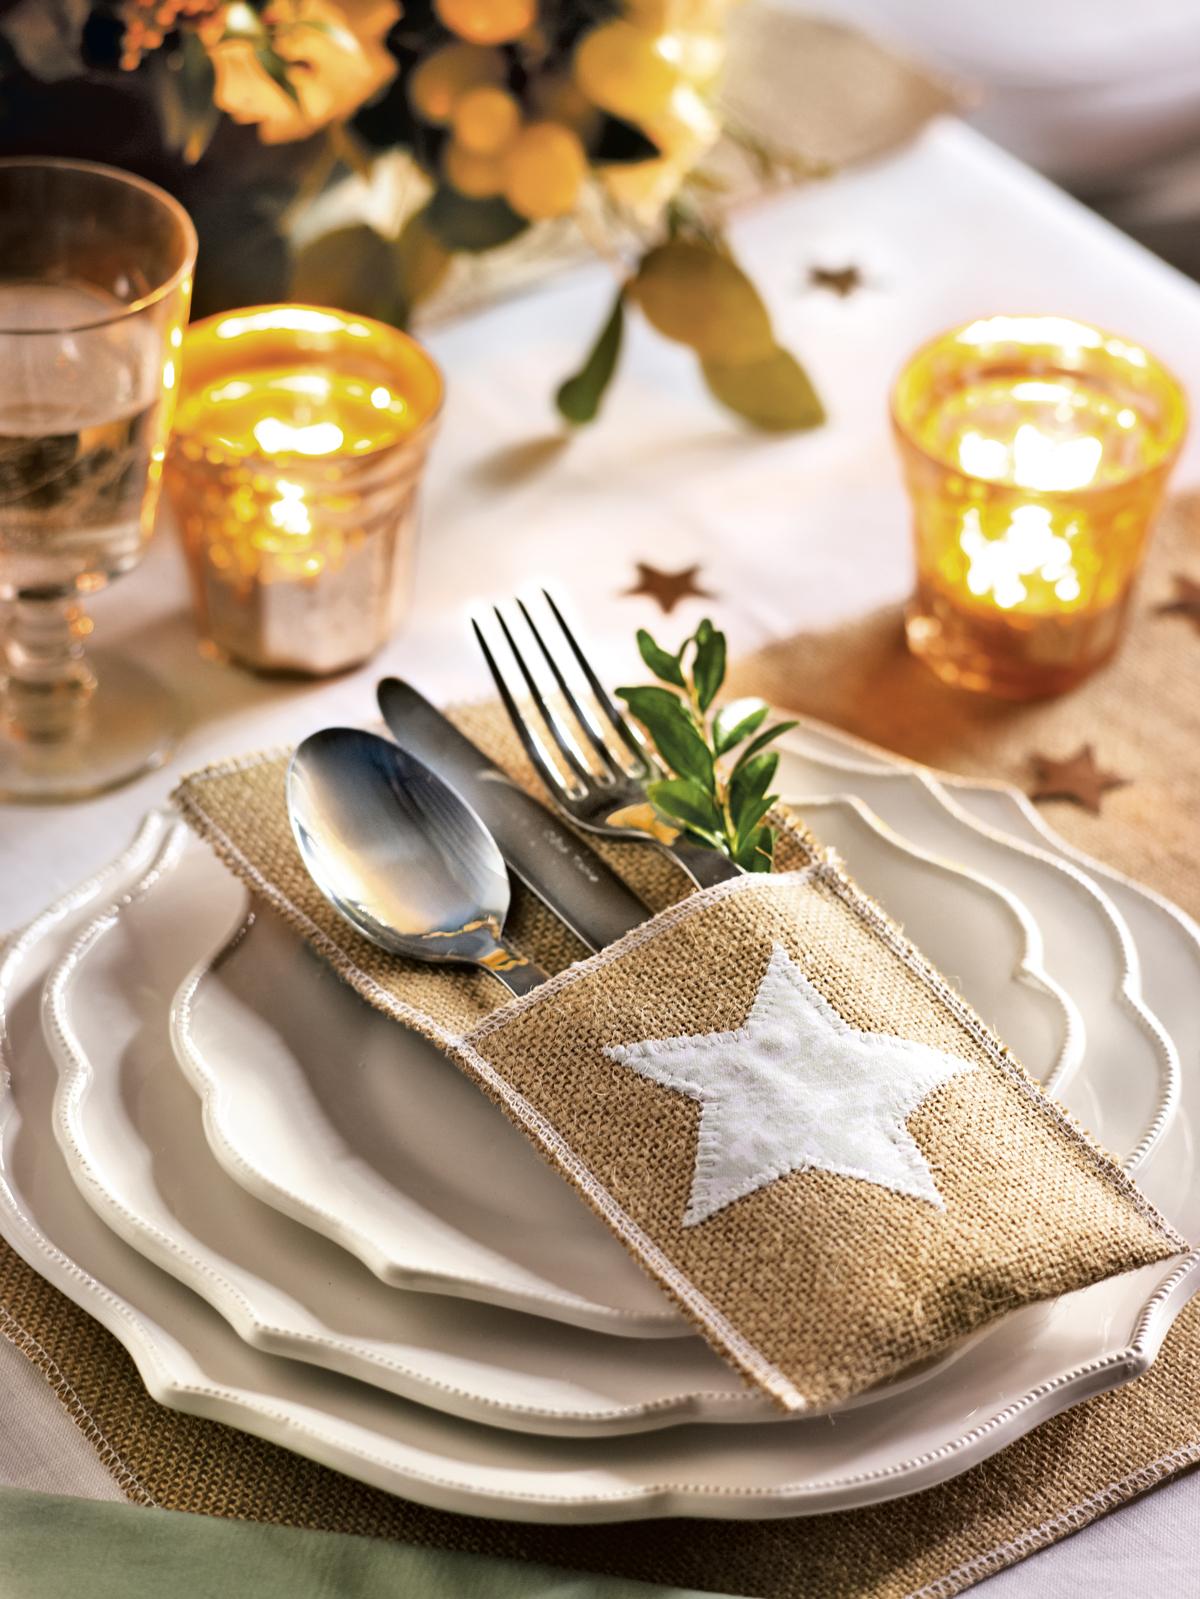 00374232. Servicio de mesa de Navidad con una funda en tela de saco y estrella de tela blanca para los cubiertos (374232)